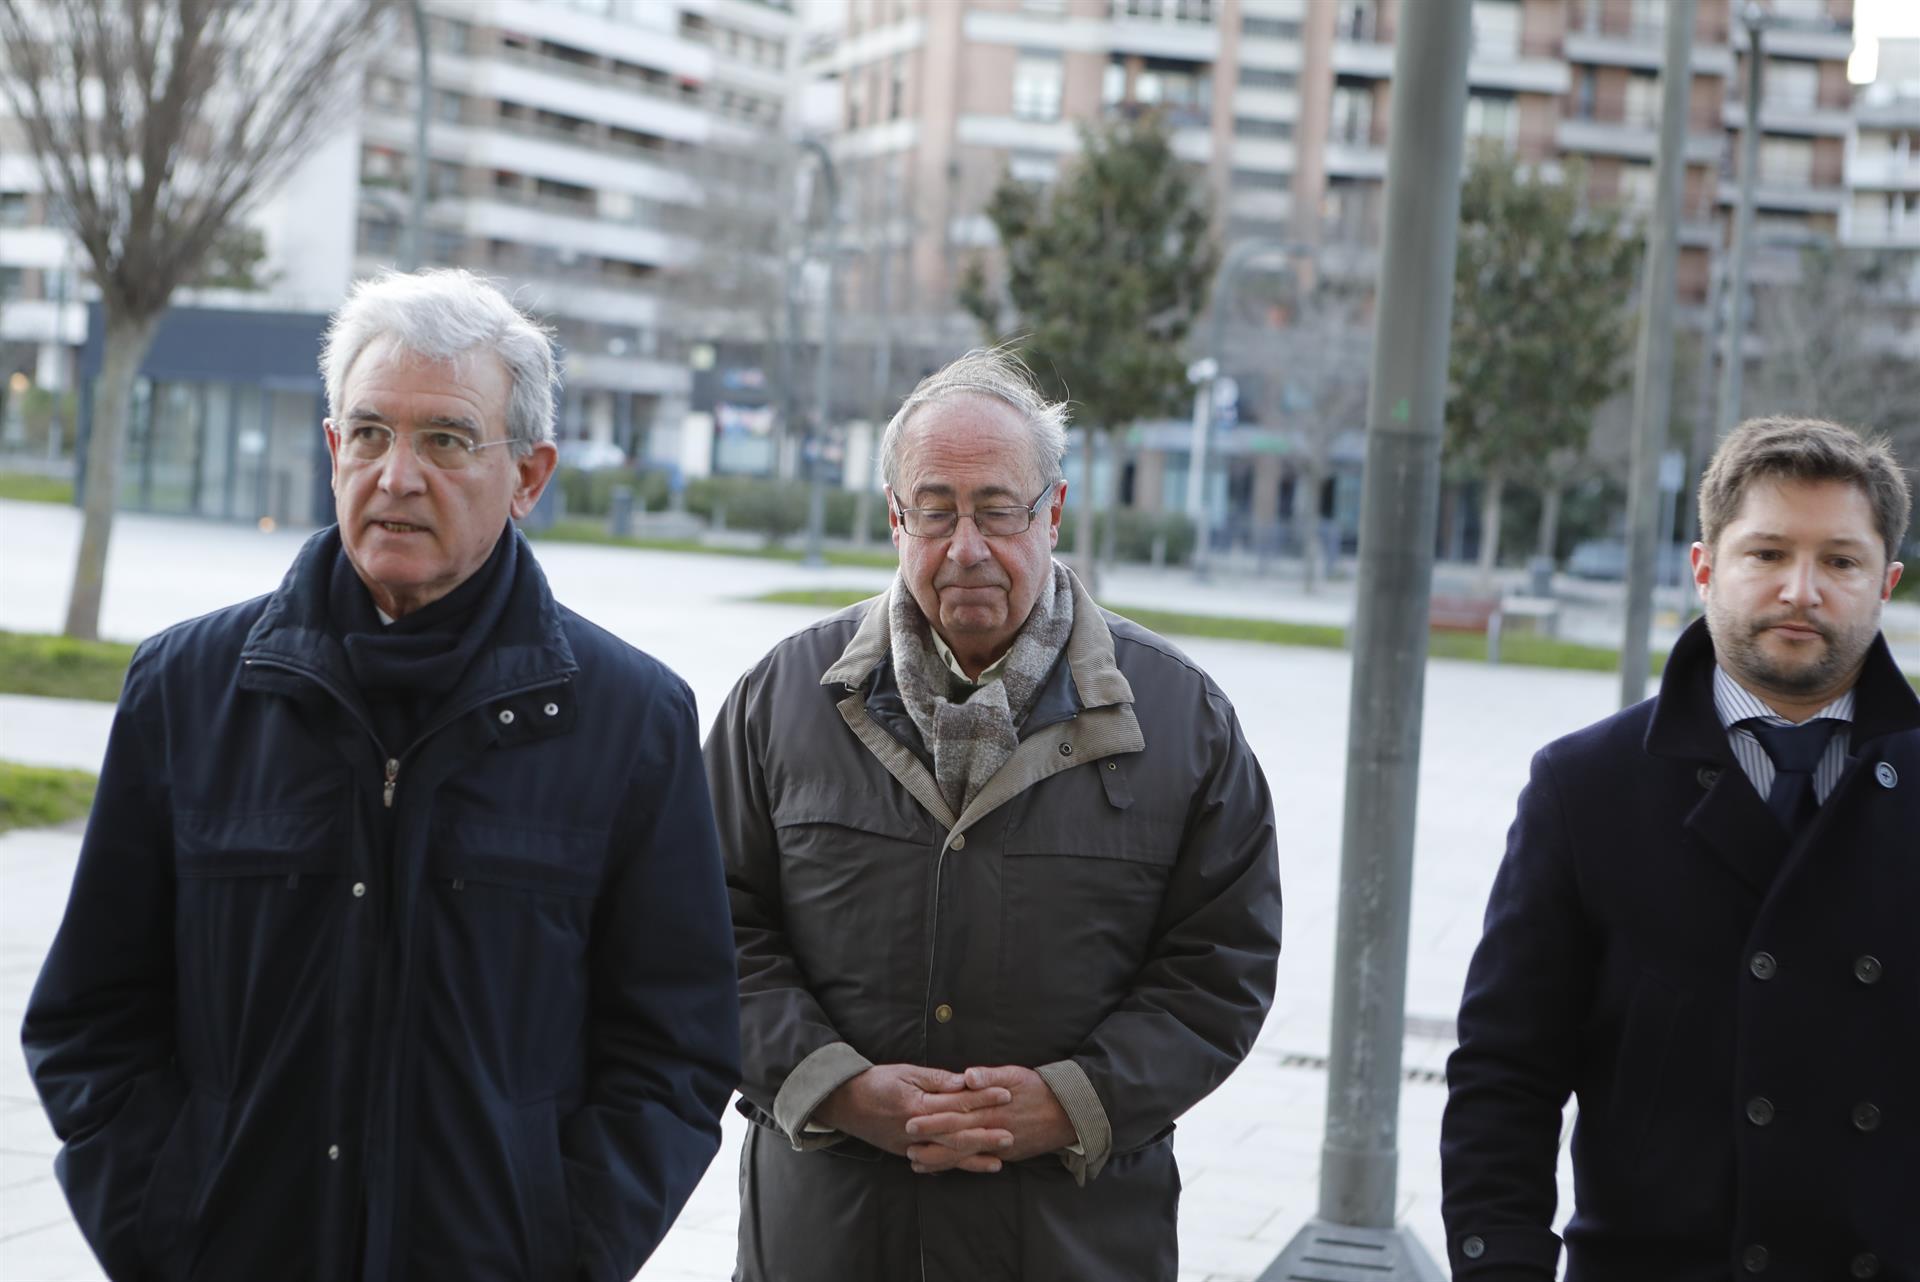 El exgerente de Osasuna dice que el club pagó en 2013 al Getafe por dejarse ganar y primó a Betis y Valladolid